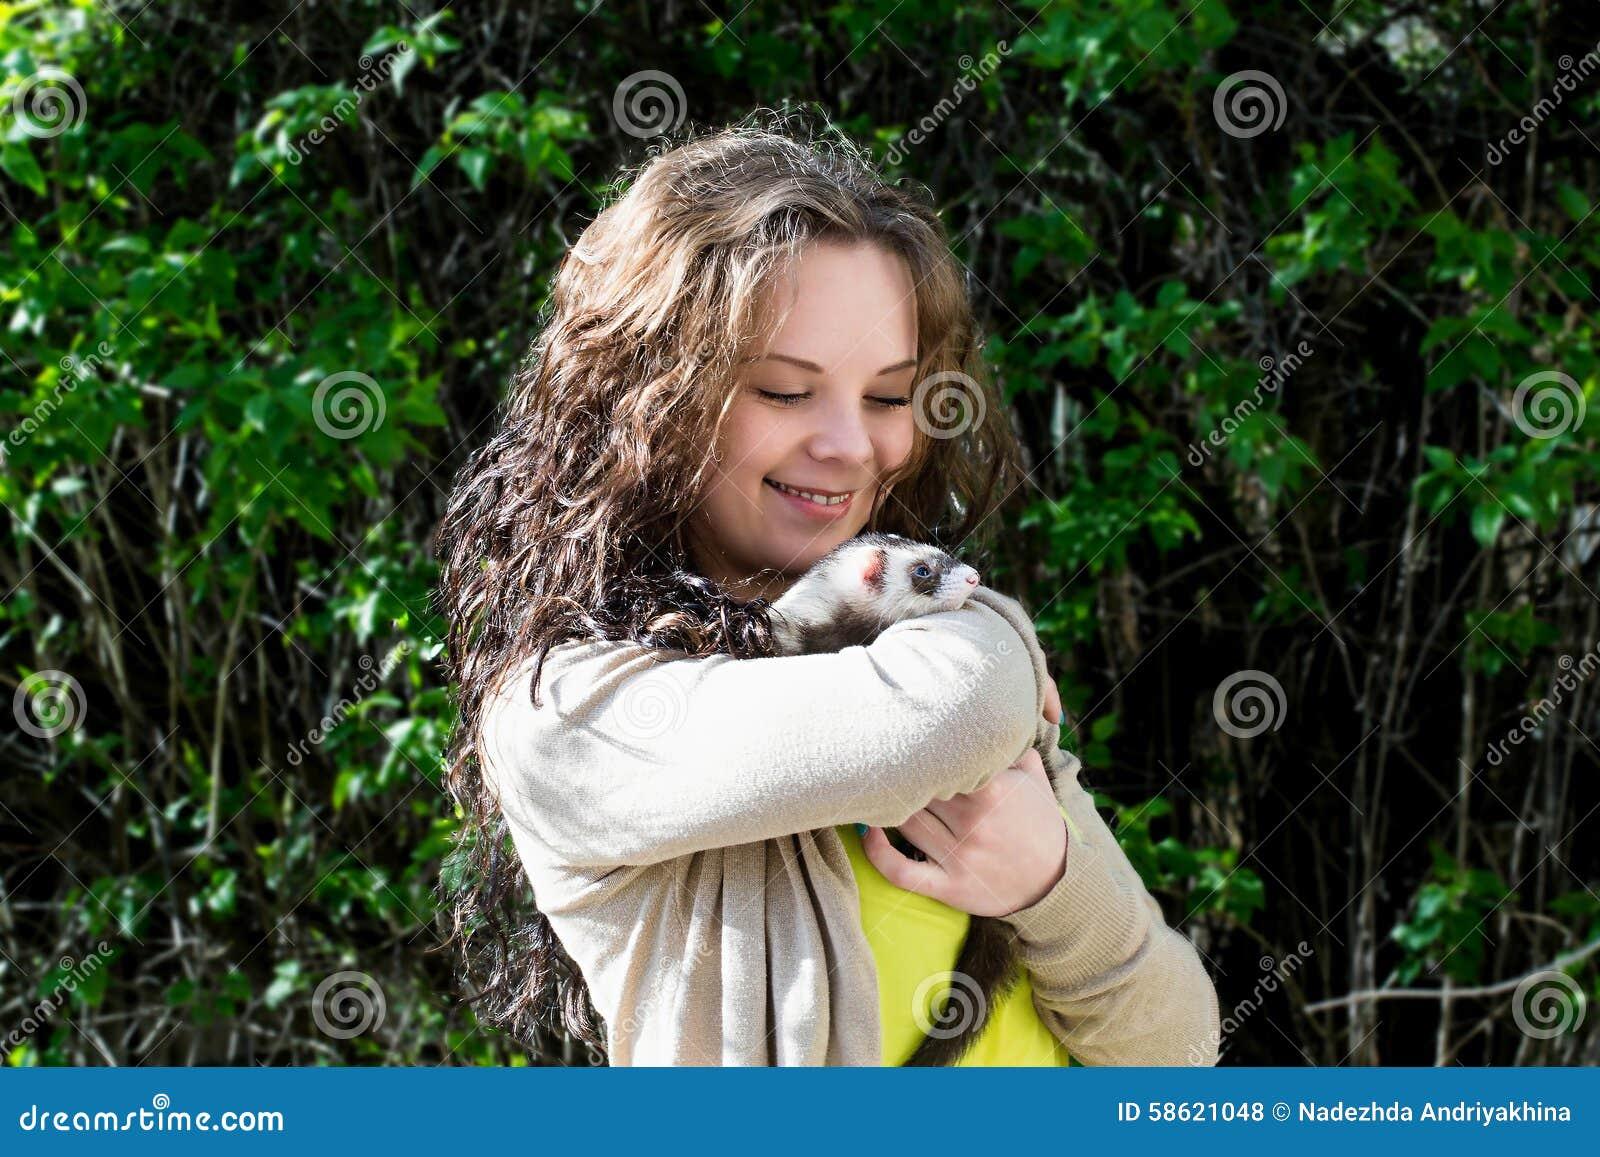 Радостная девушка с фреткой в руках